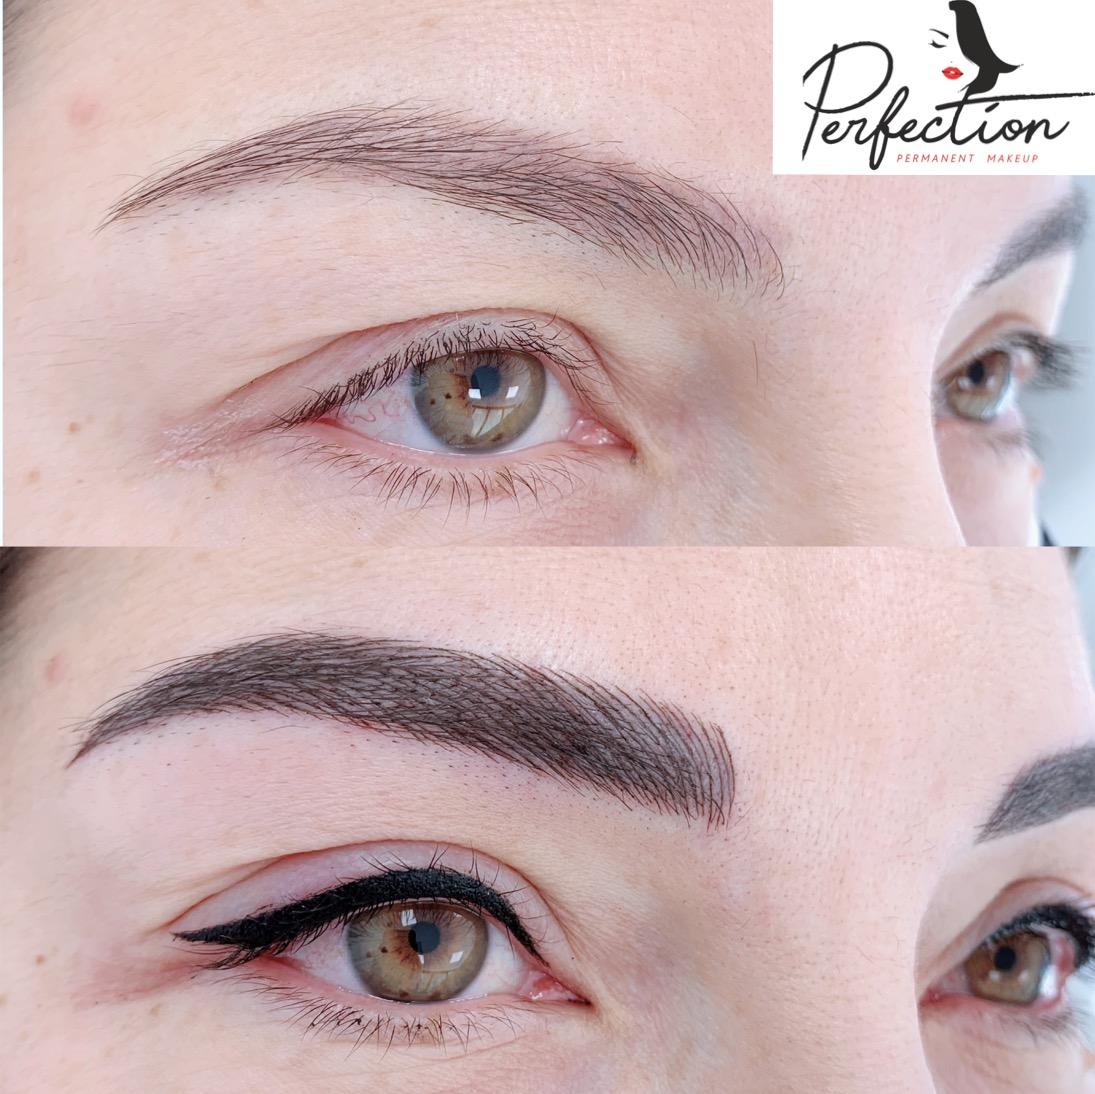 eyebrow microblading 4